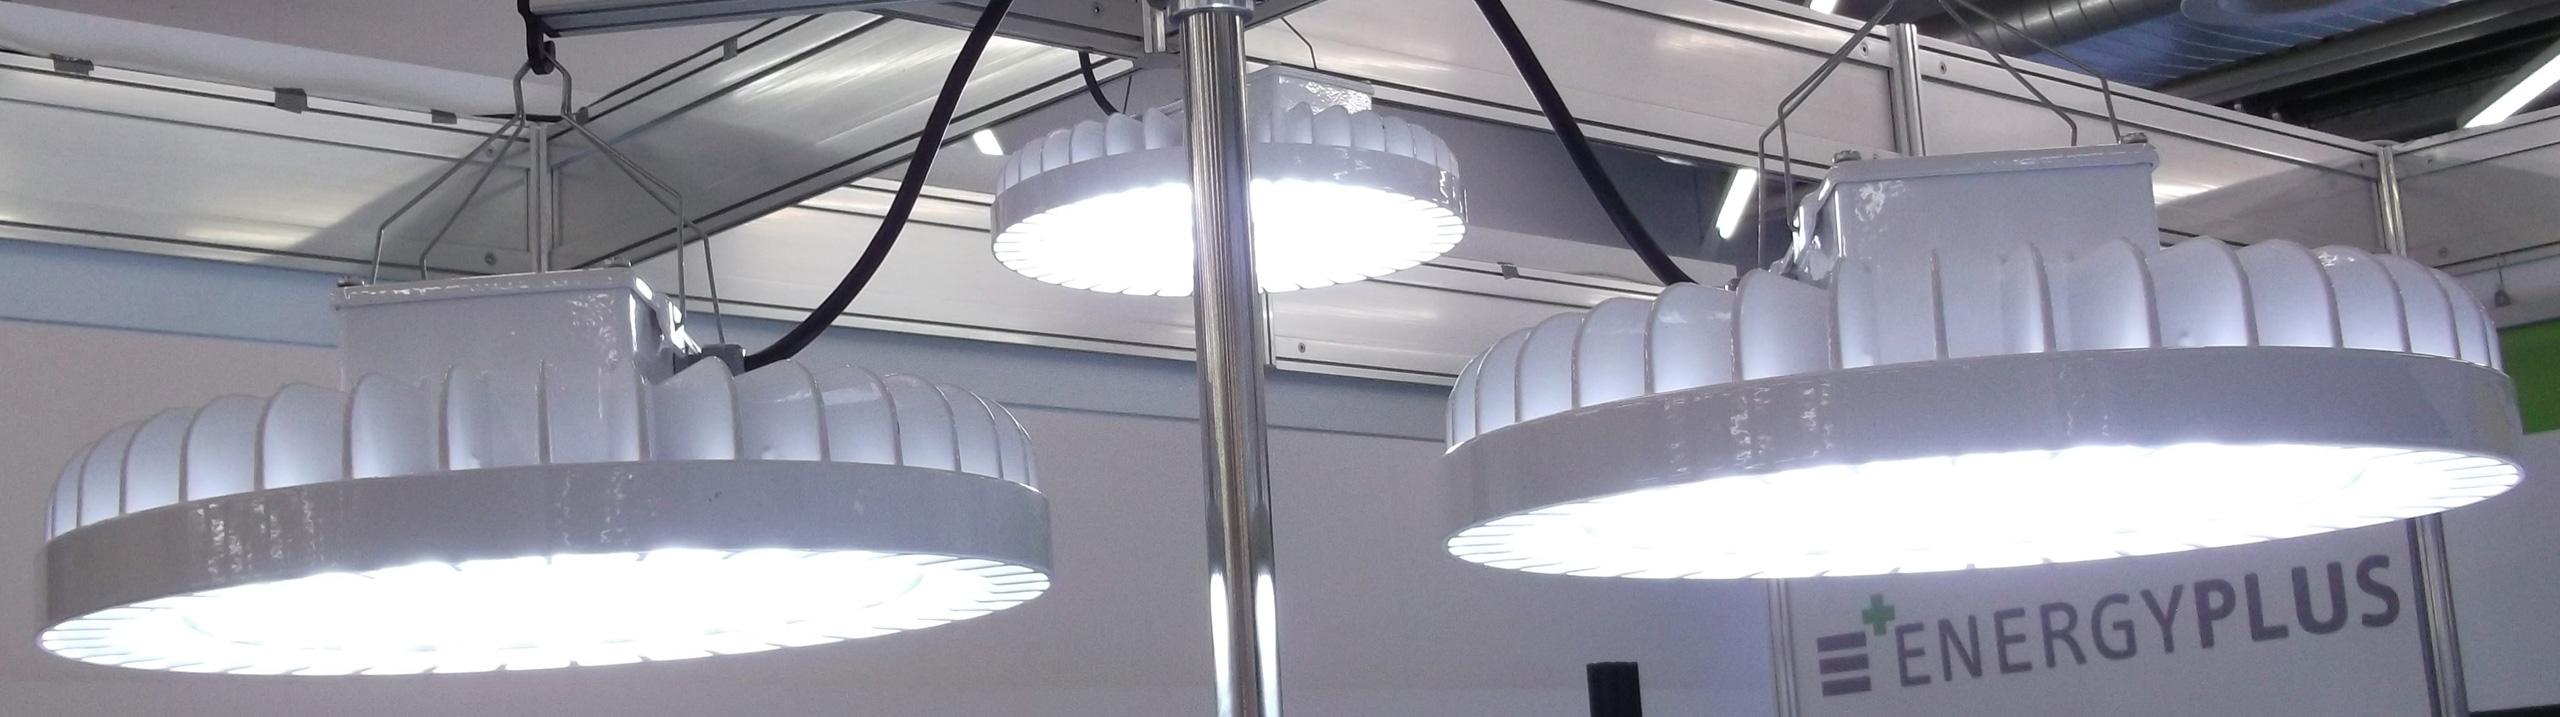 Lichttechnik protec ENERGYPLUS GmbH - Professionelle Lichttechnik für Industrie, Gewerbe und Kommunen